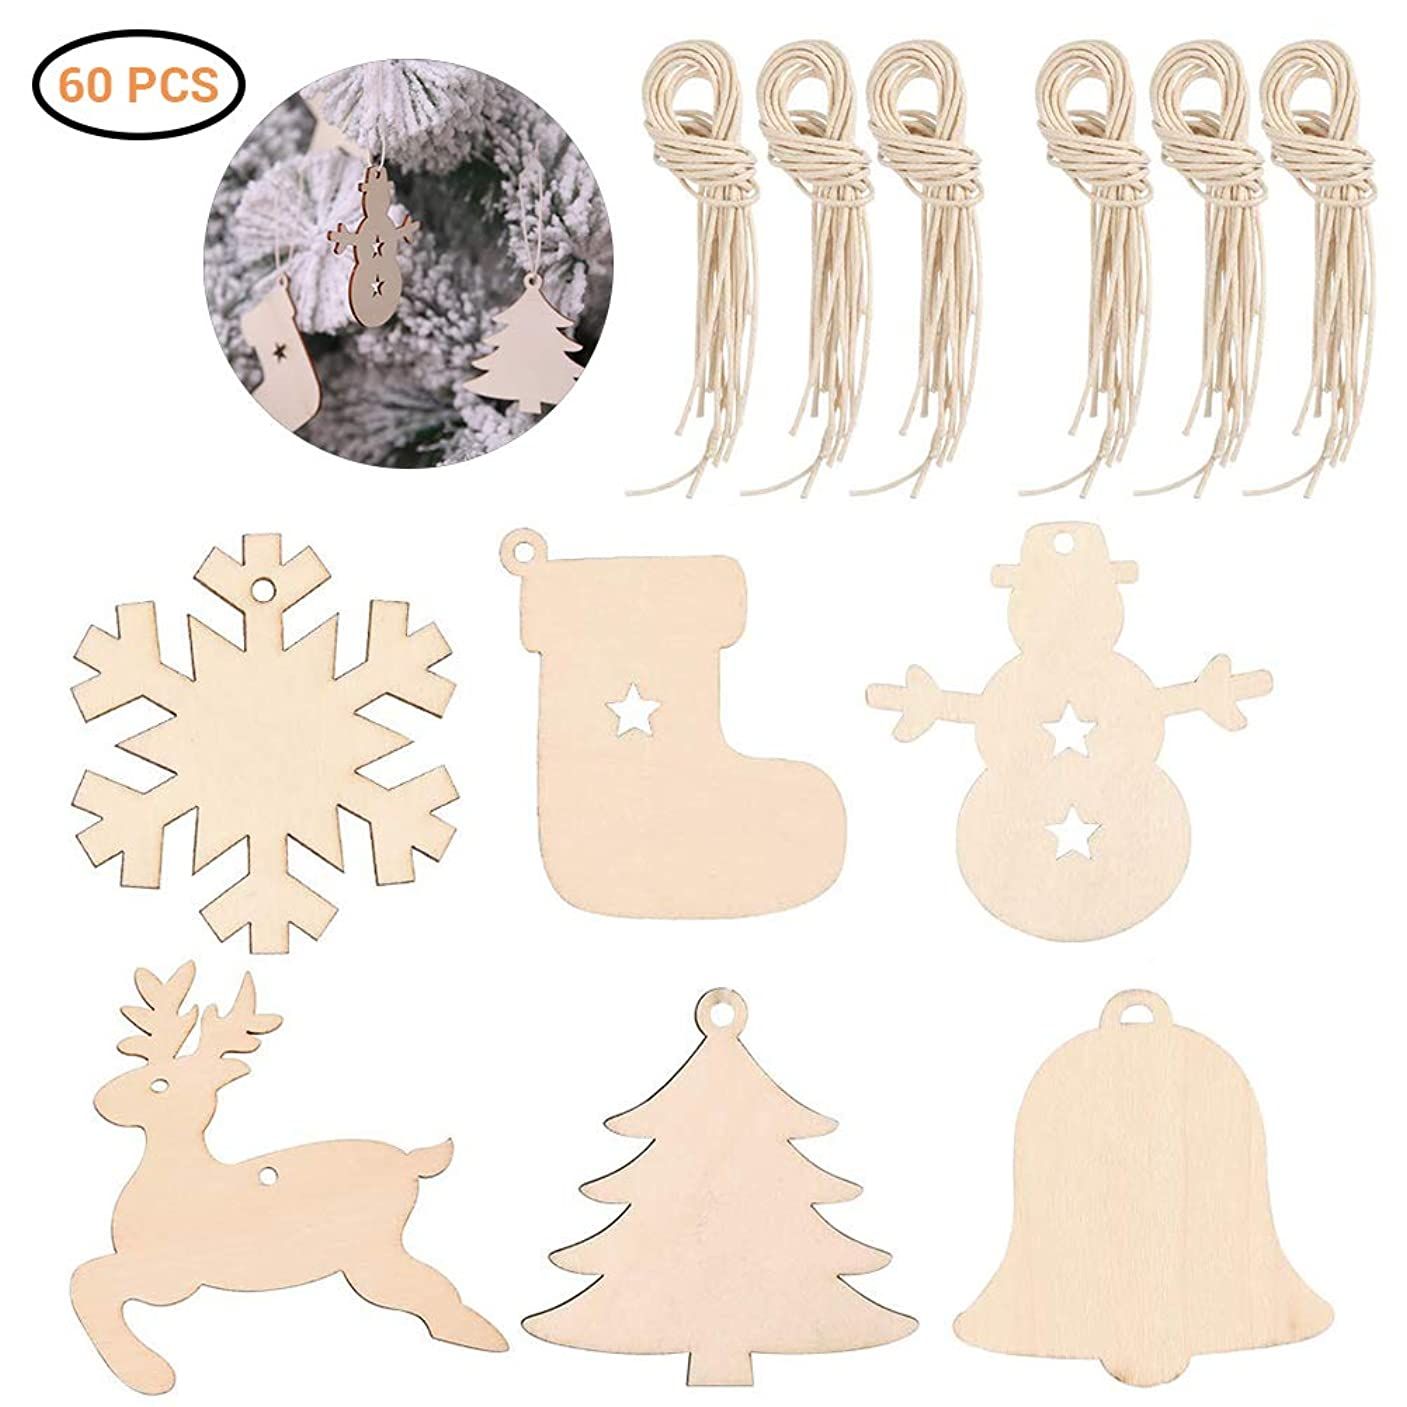 まともな静かに場合Besline クリスマス 木 掛け飾り クリスマスオーナメント クリスマス飾り 吊り装飾用 暖炉 部屋飾り 家庭装飾 飾り付け 雰囲気満載 クリスマス小物 プレゼント ギフト 贈り物